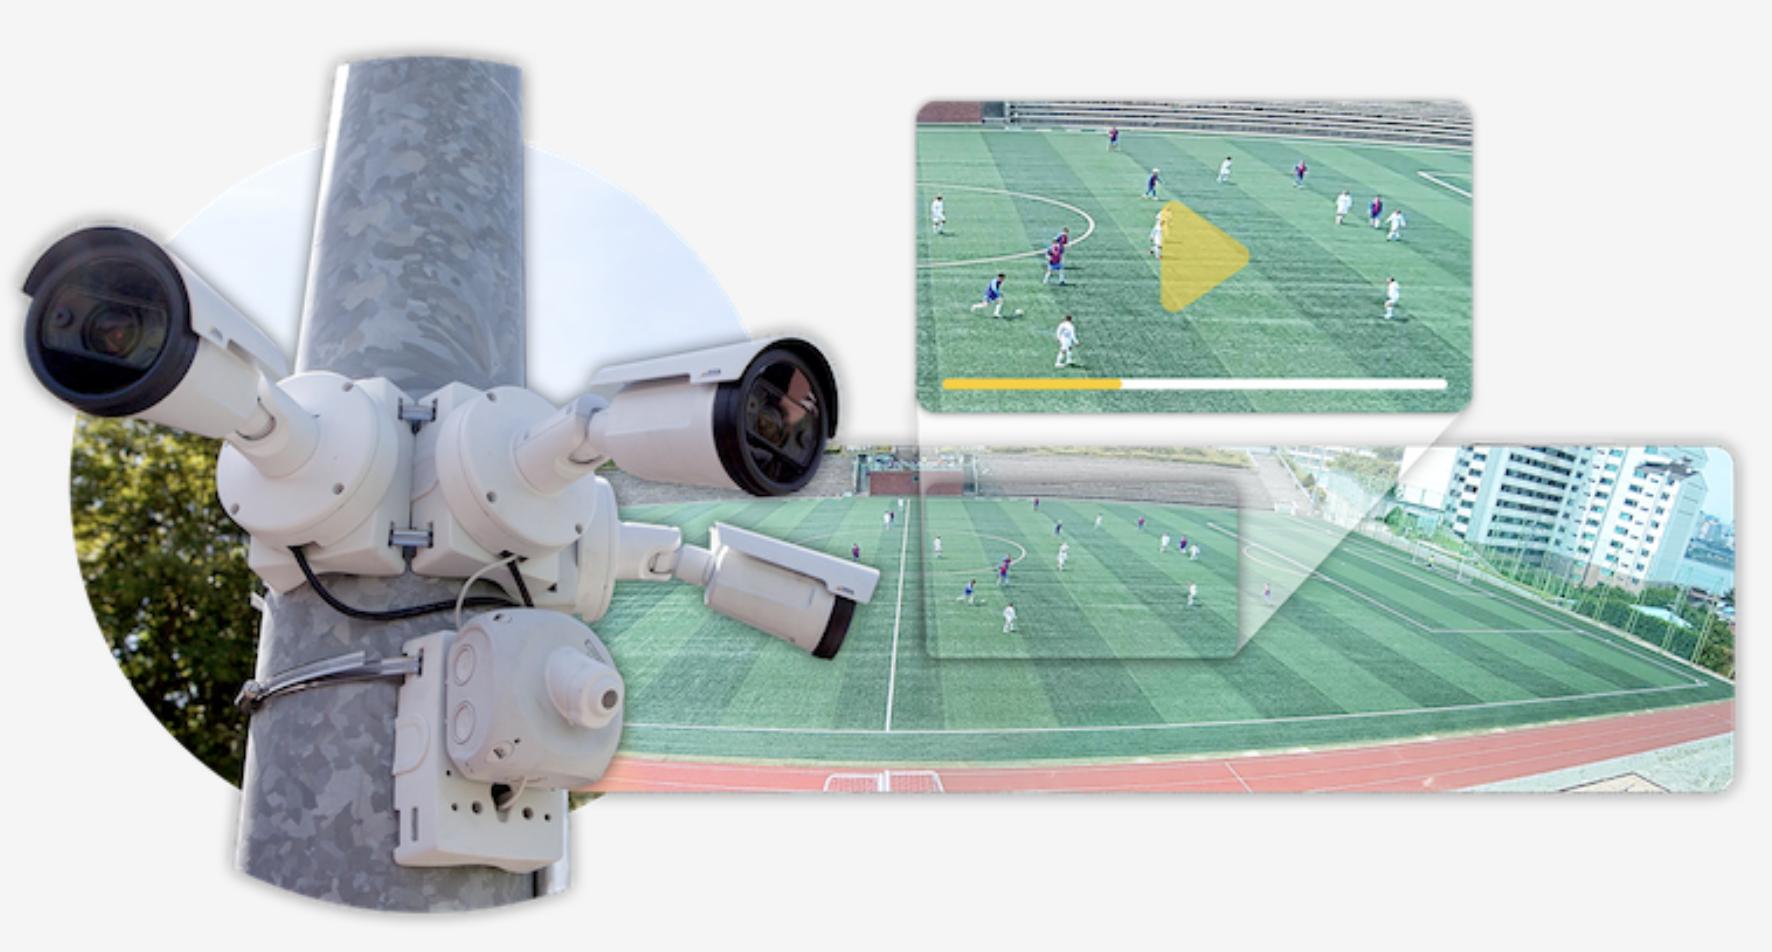 打造足球比赛分析工具,「Bepro11」获 880 万欧元融资